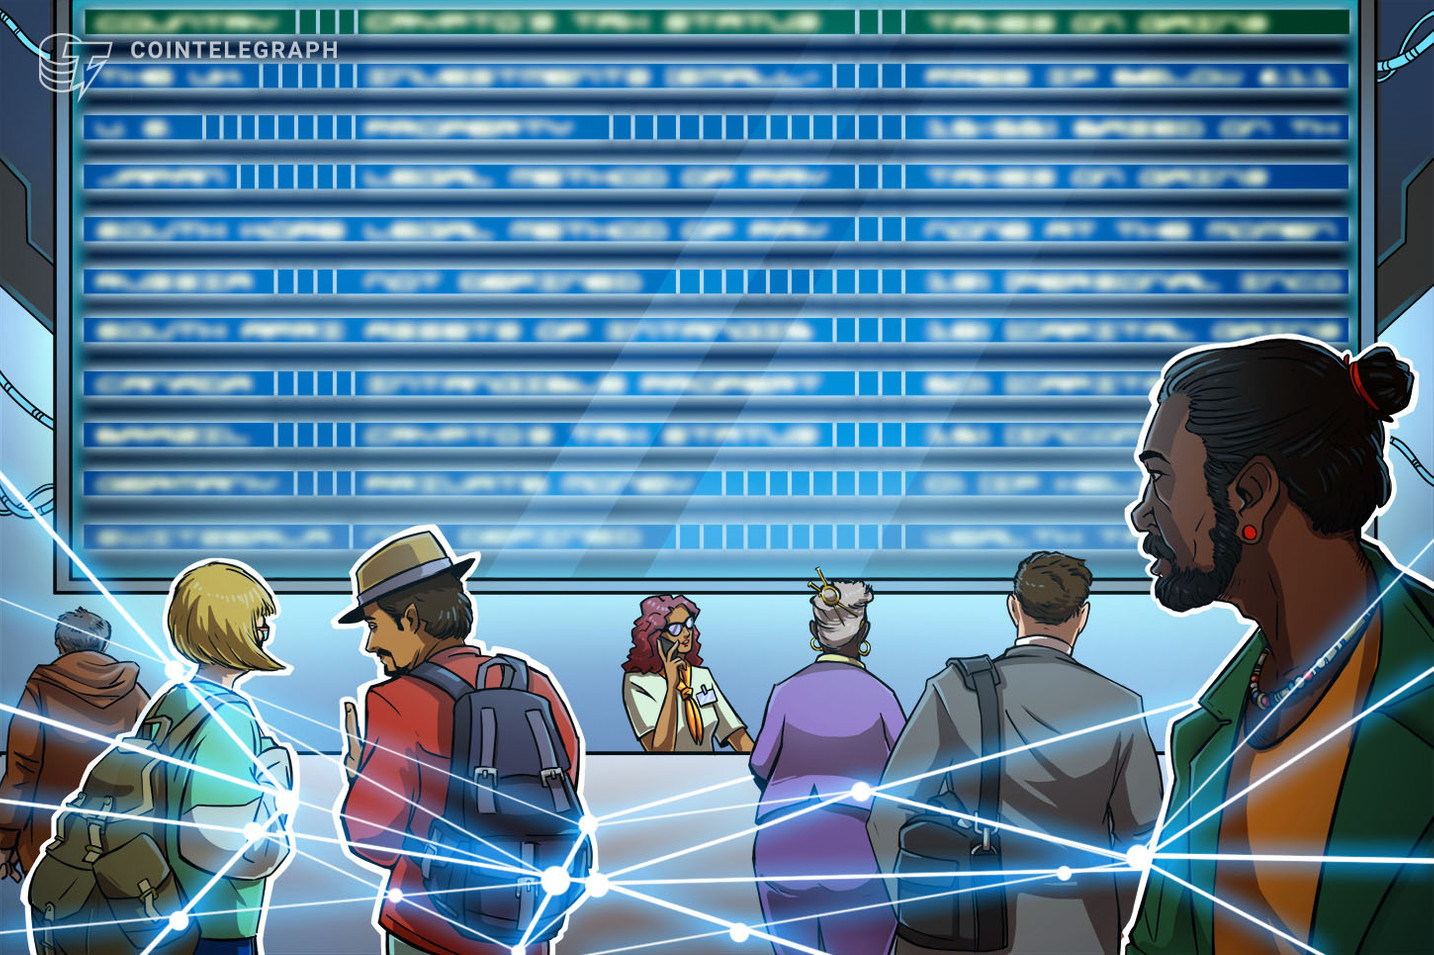 Implementan tecnología blockchain para seguridad en espacios turísticos en España